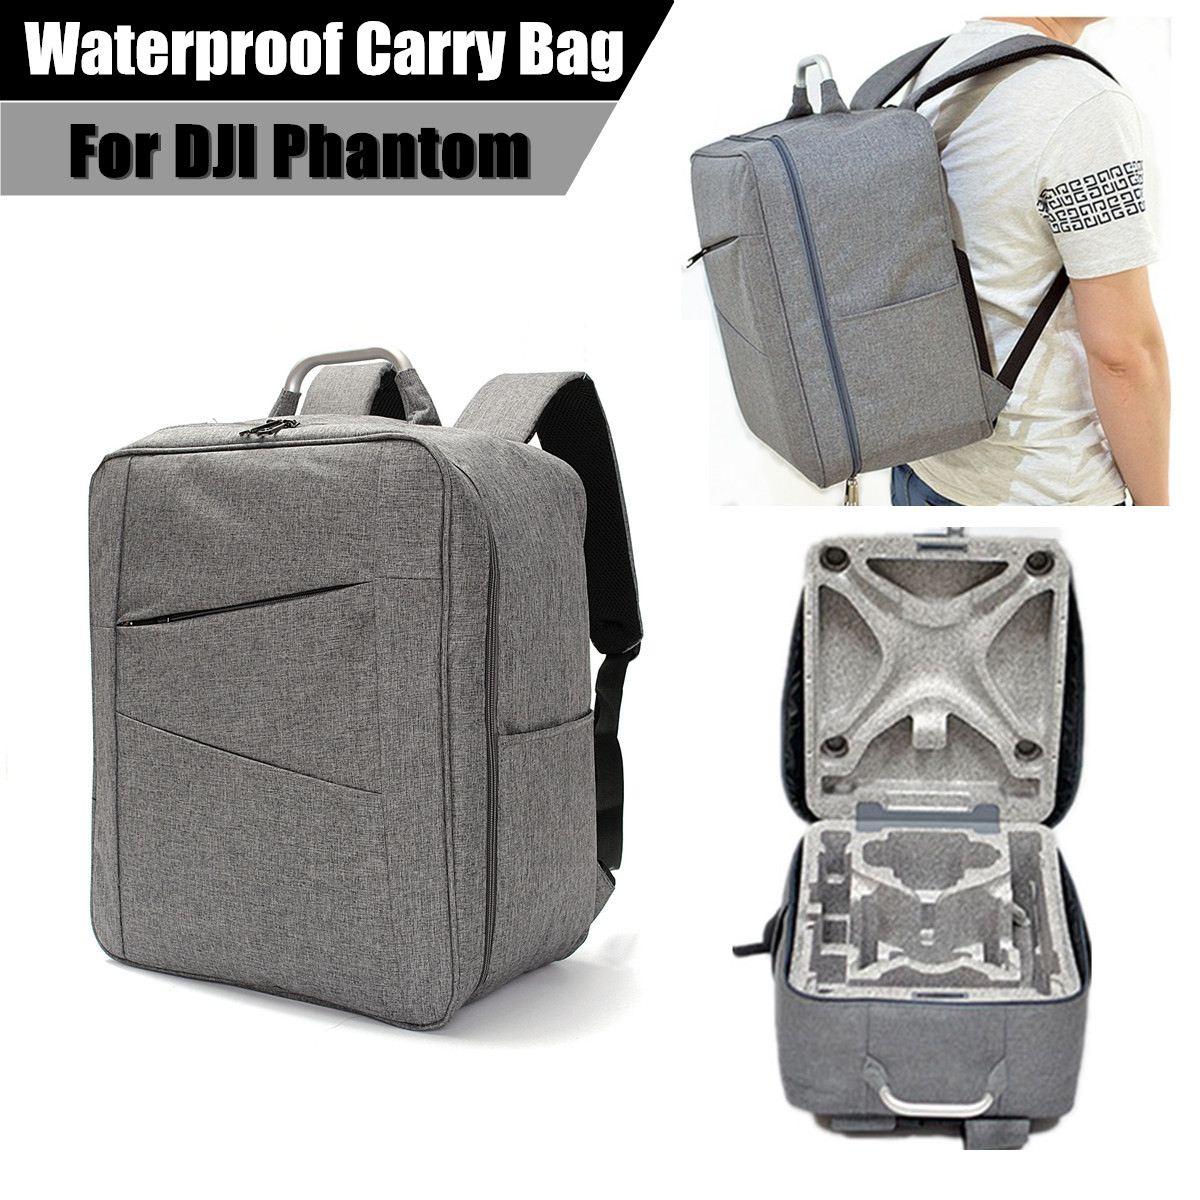 1 шт. рюкзак Shoulde сумка для DJI Phantom 4 Drone серый светильник Модный водонепроницаемый БПЛА чехол для переноски сумки для хранения